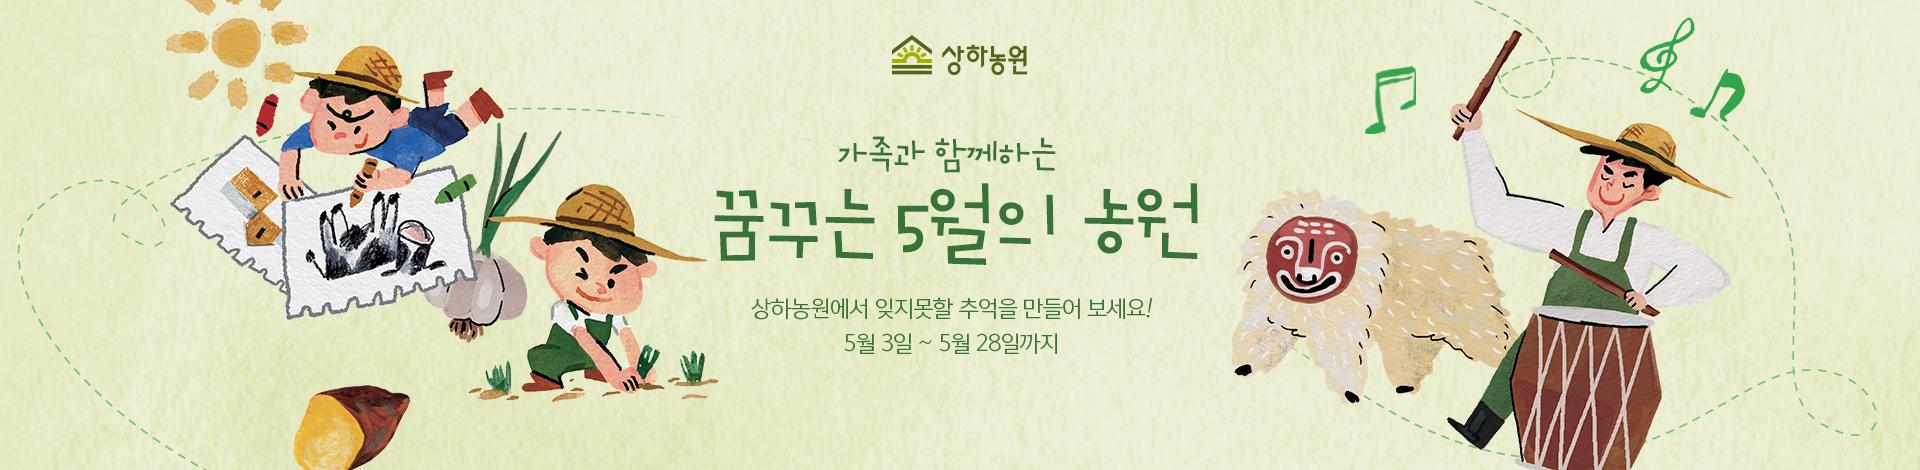 상하농원 이벤트